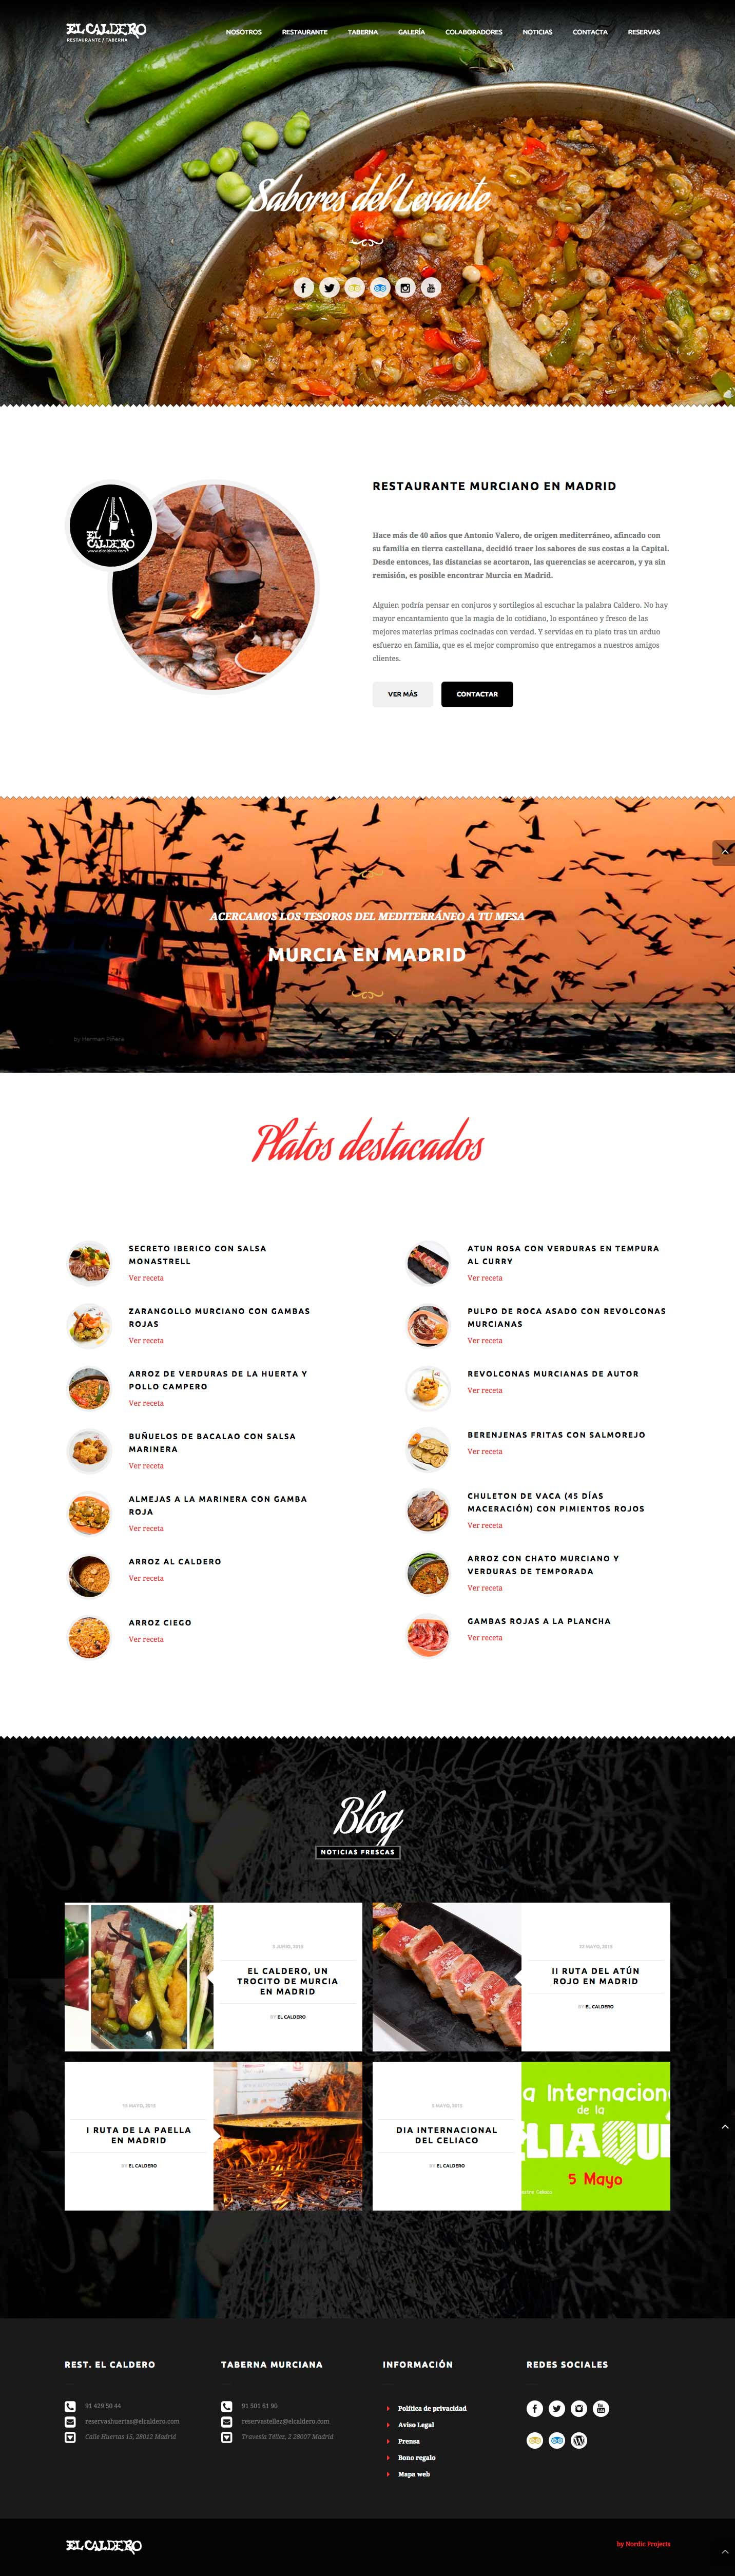 el caldero restaurante